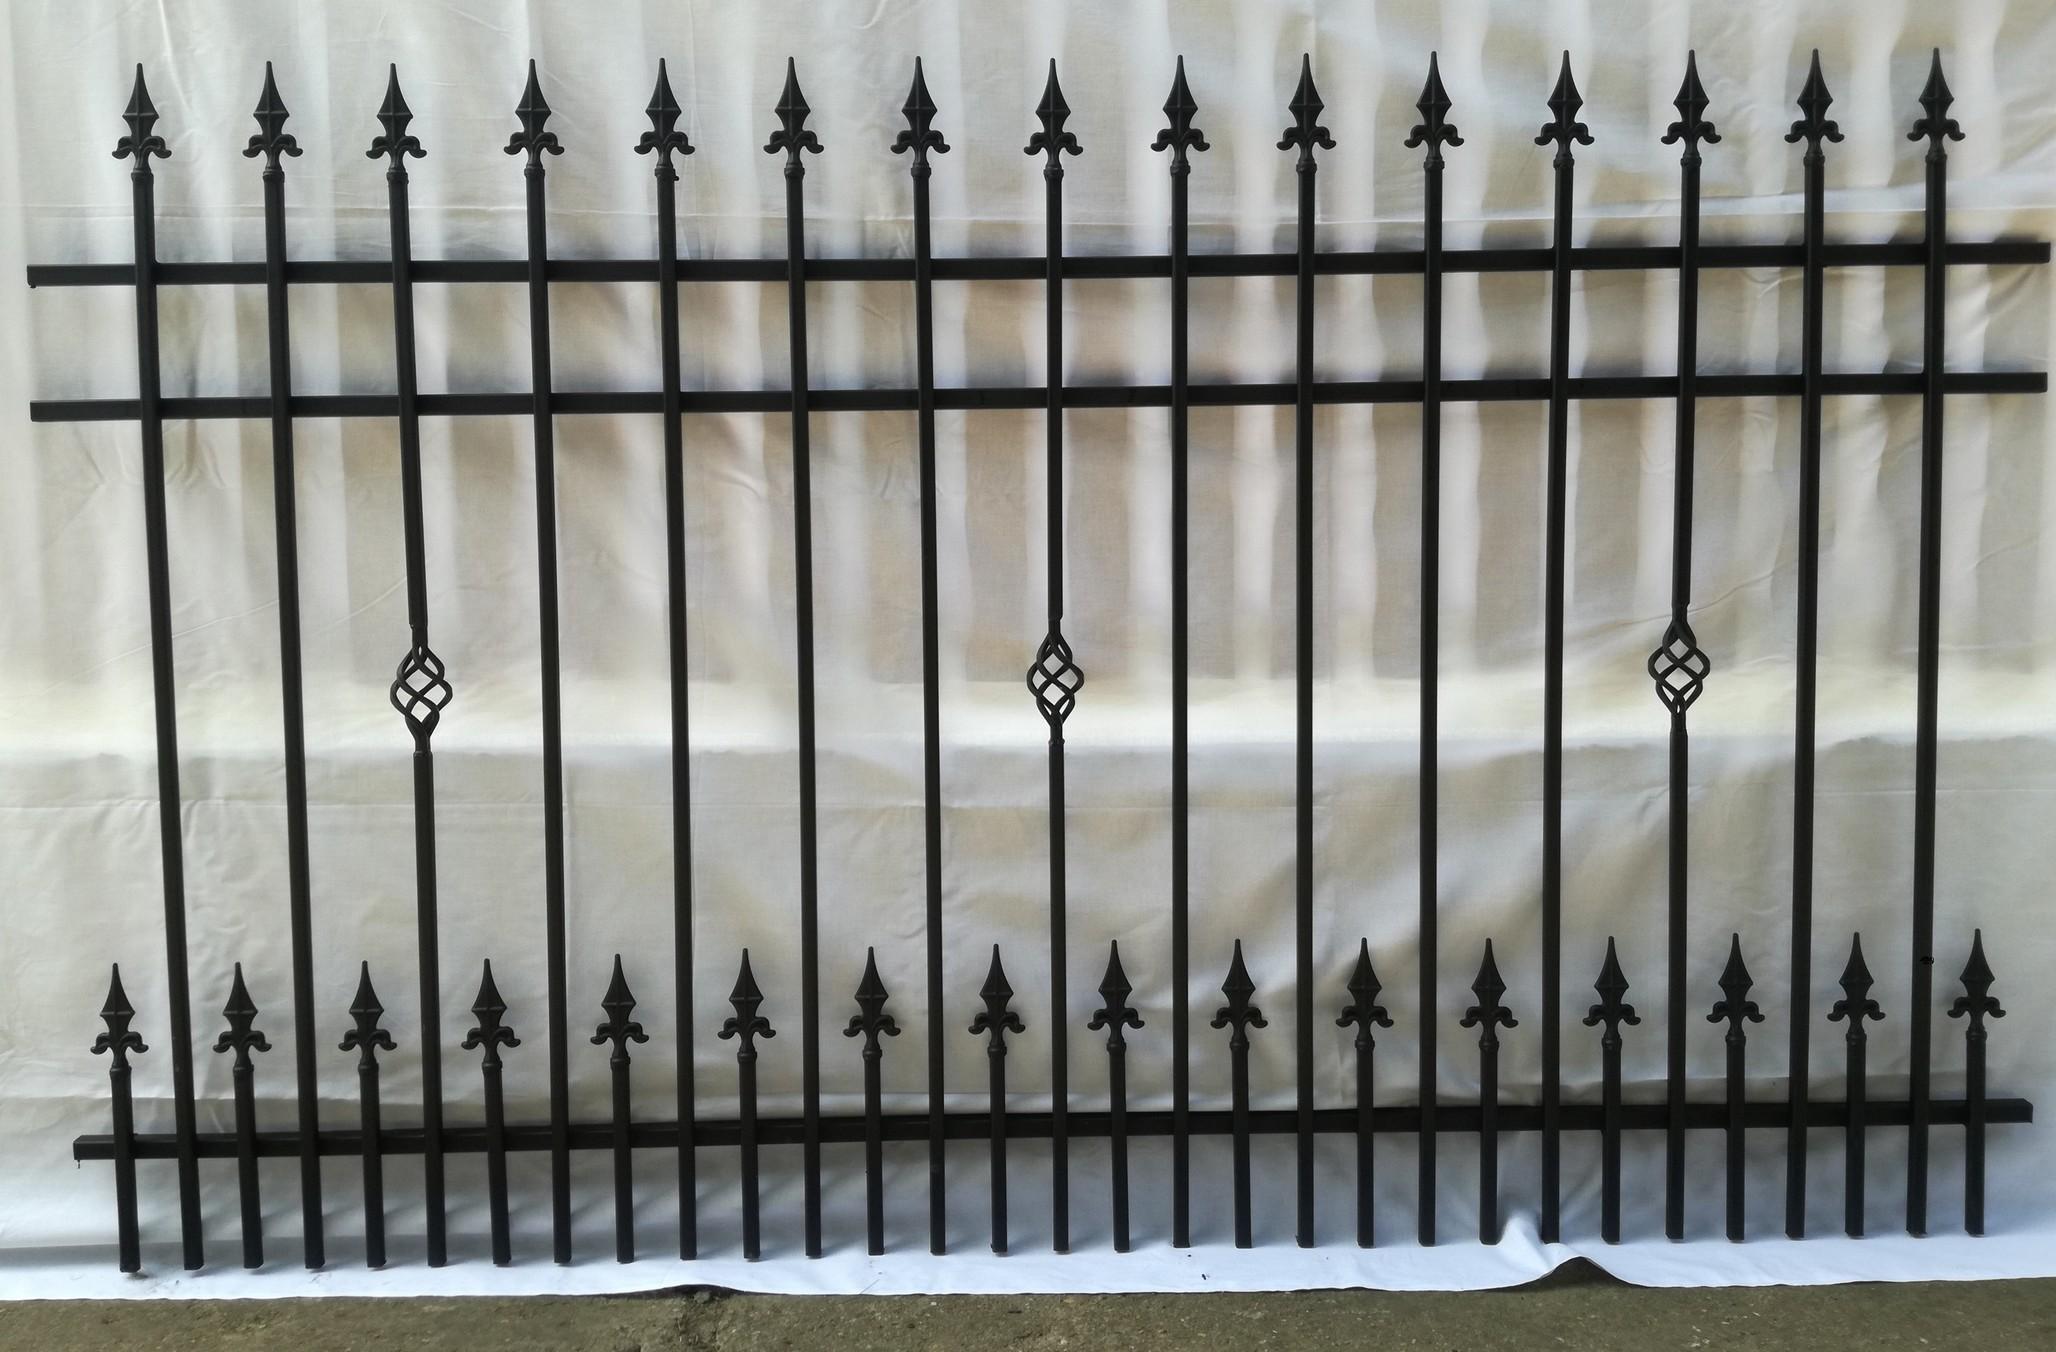 kovácsoltvas kapu kerítés árak Kecskemét, Bács-kiskun megye